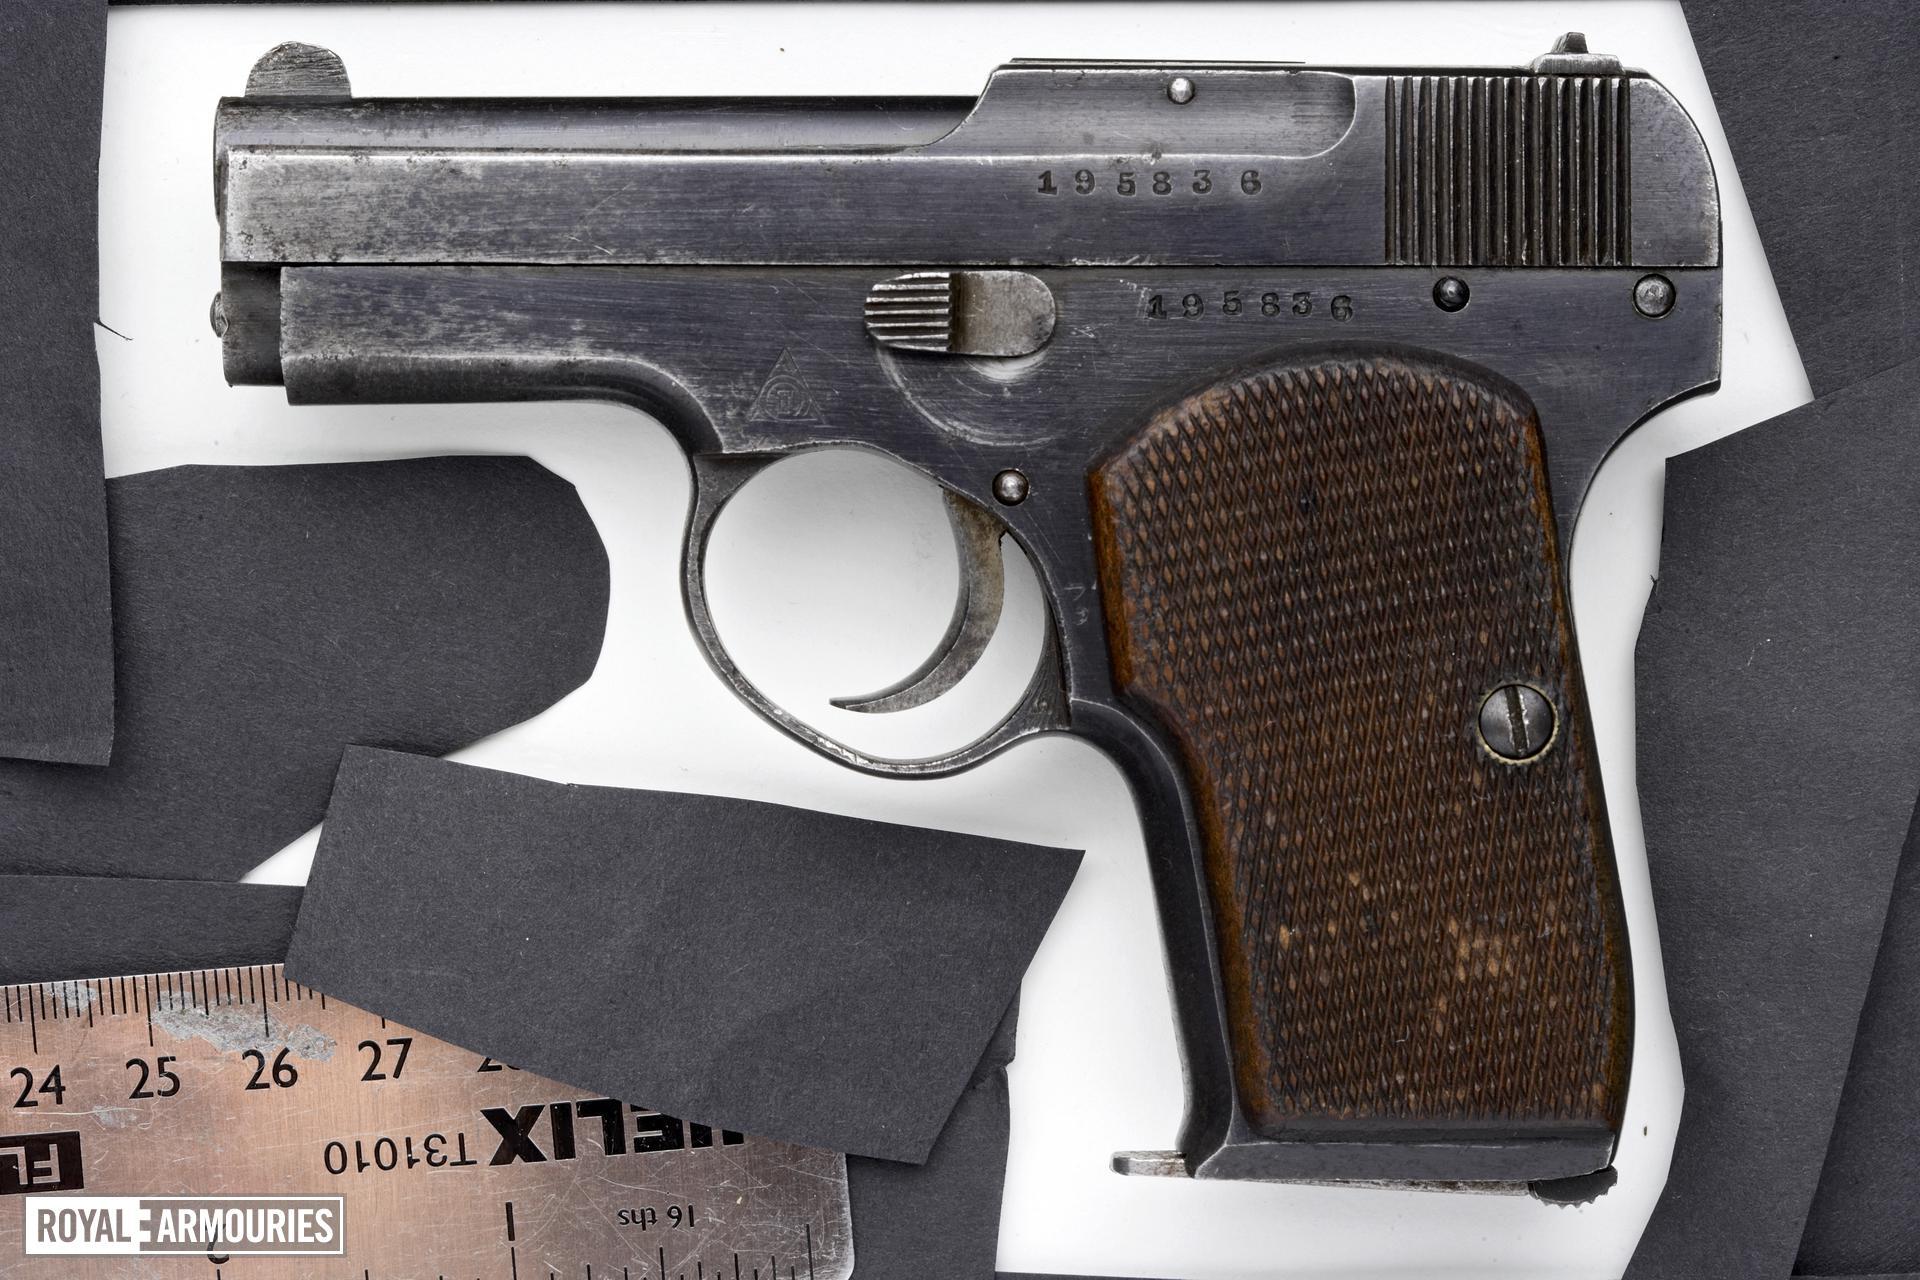 Centrefire self-loading pistol - Korovin